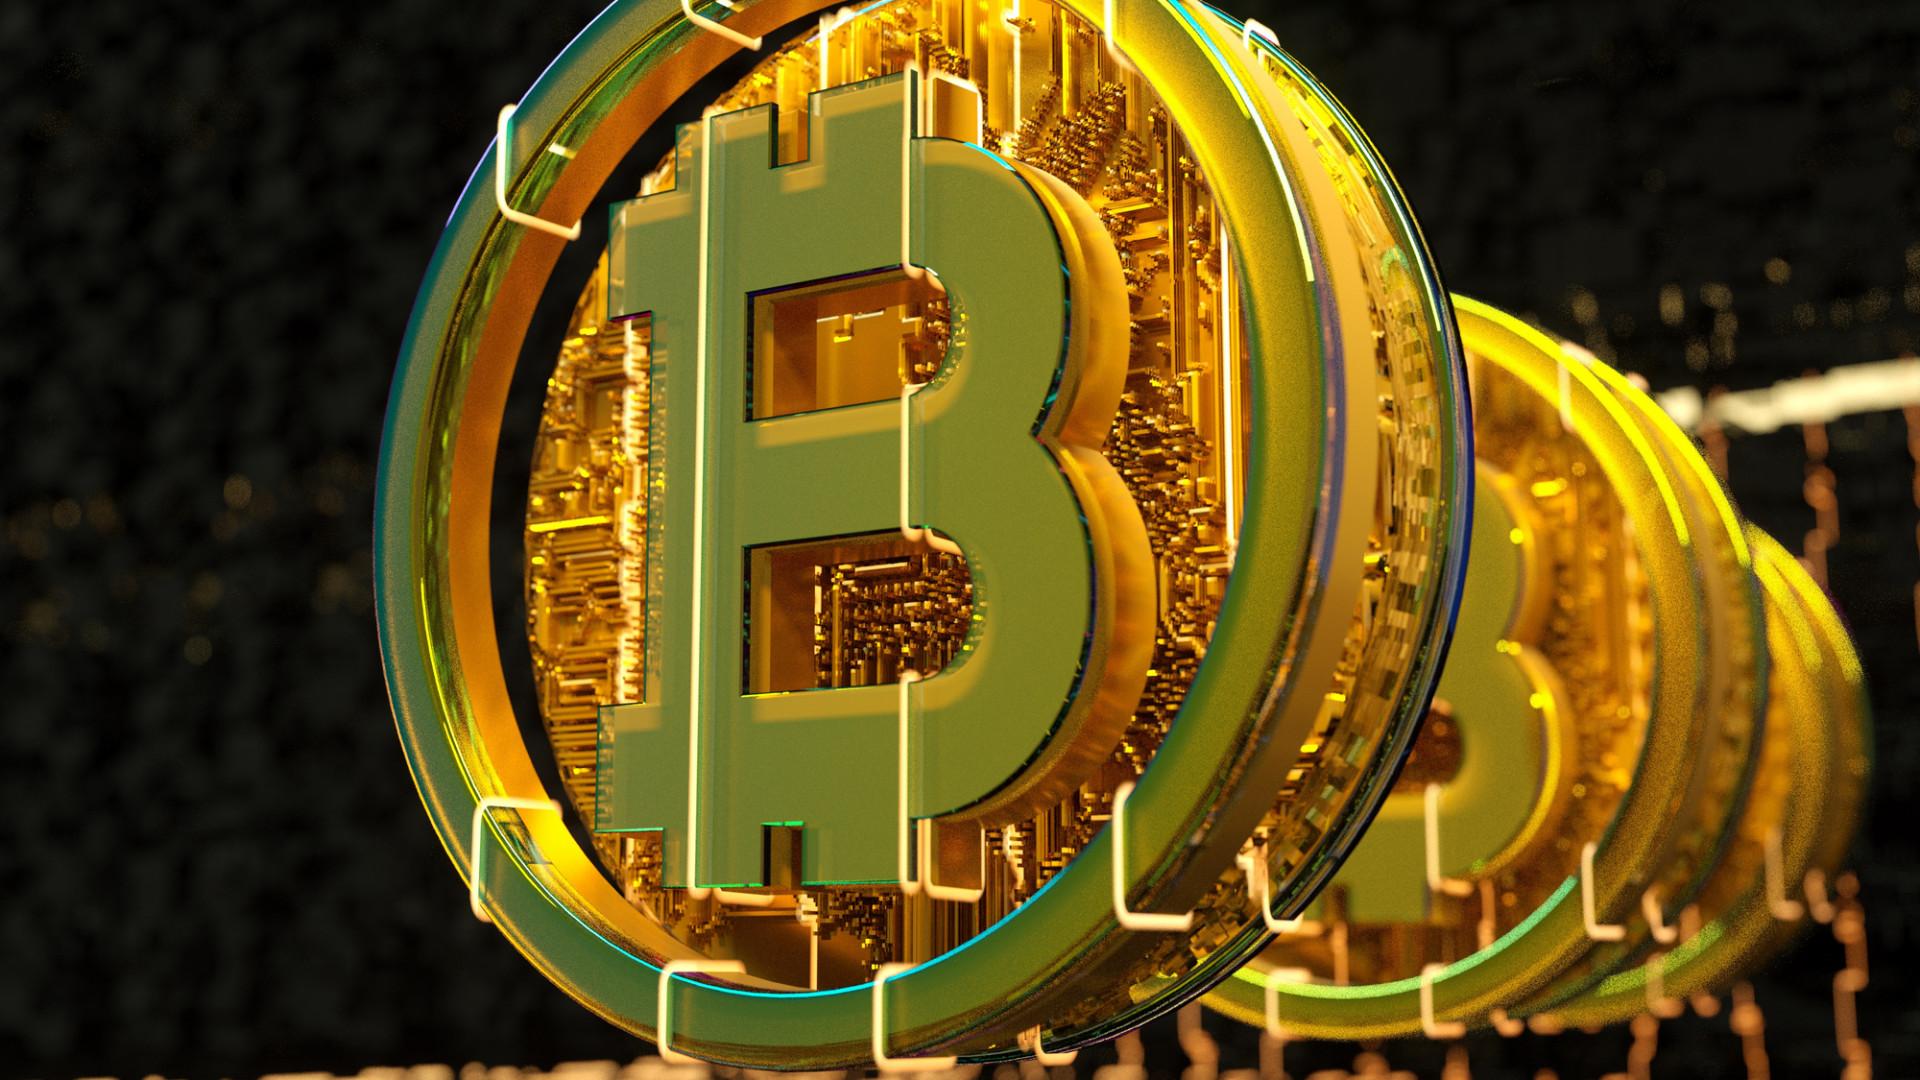 Keressen ingyenes pénzt, Bitcoin stílusban! - - onedollarhustle -